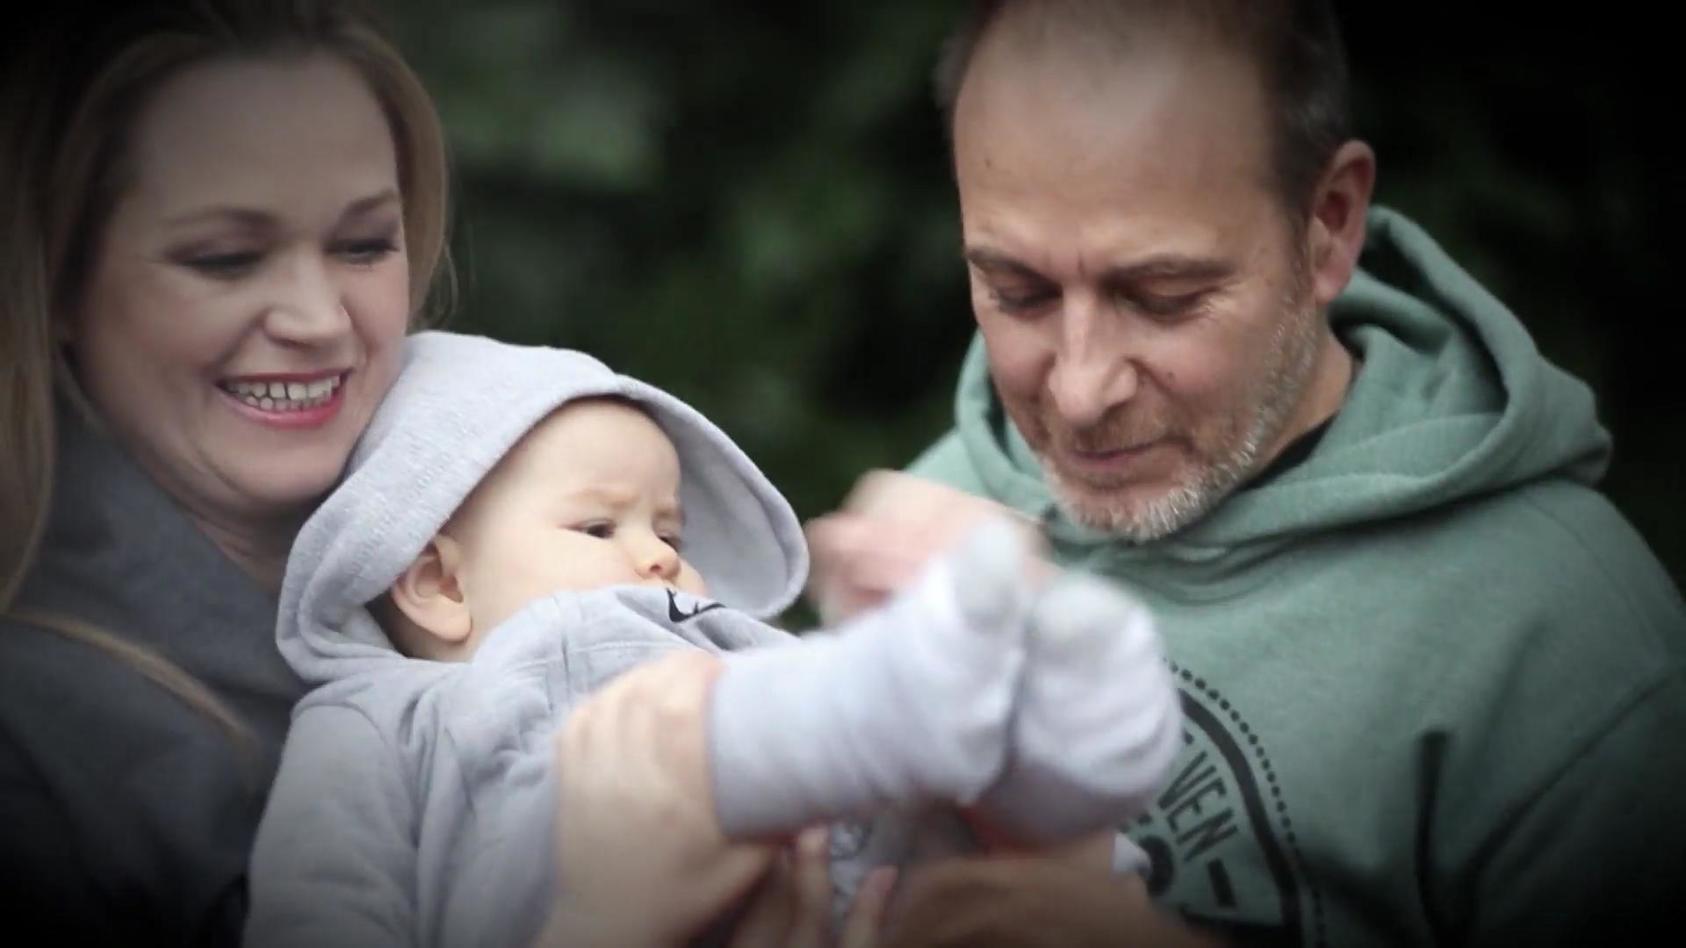 Erdogan Atalay sorgt sich um seine Familie, vor allem Tochter Matilda, die einen Herzfehler hat.